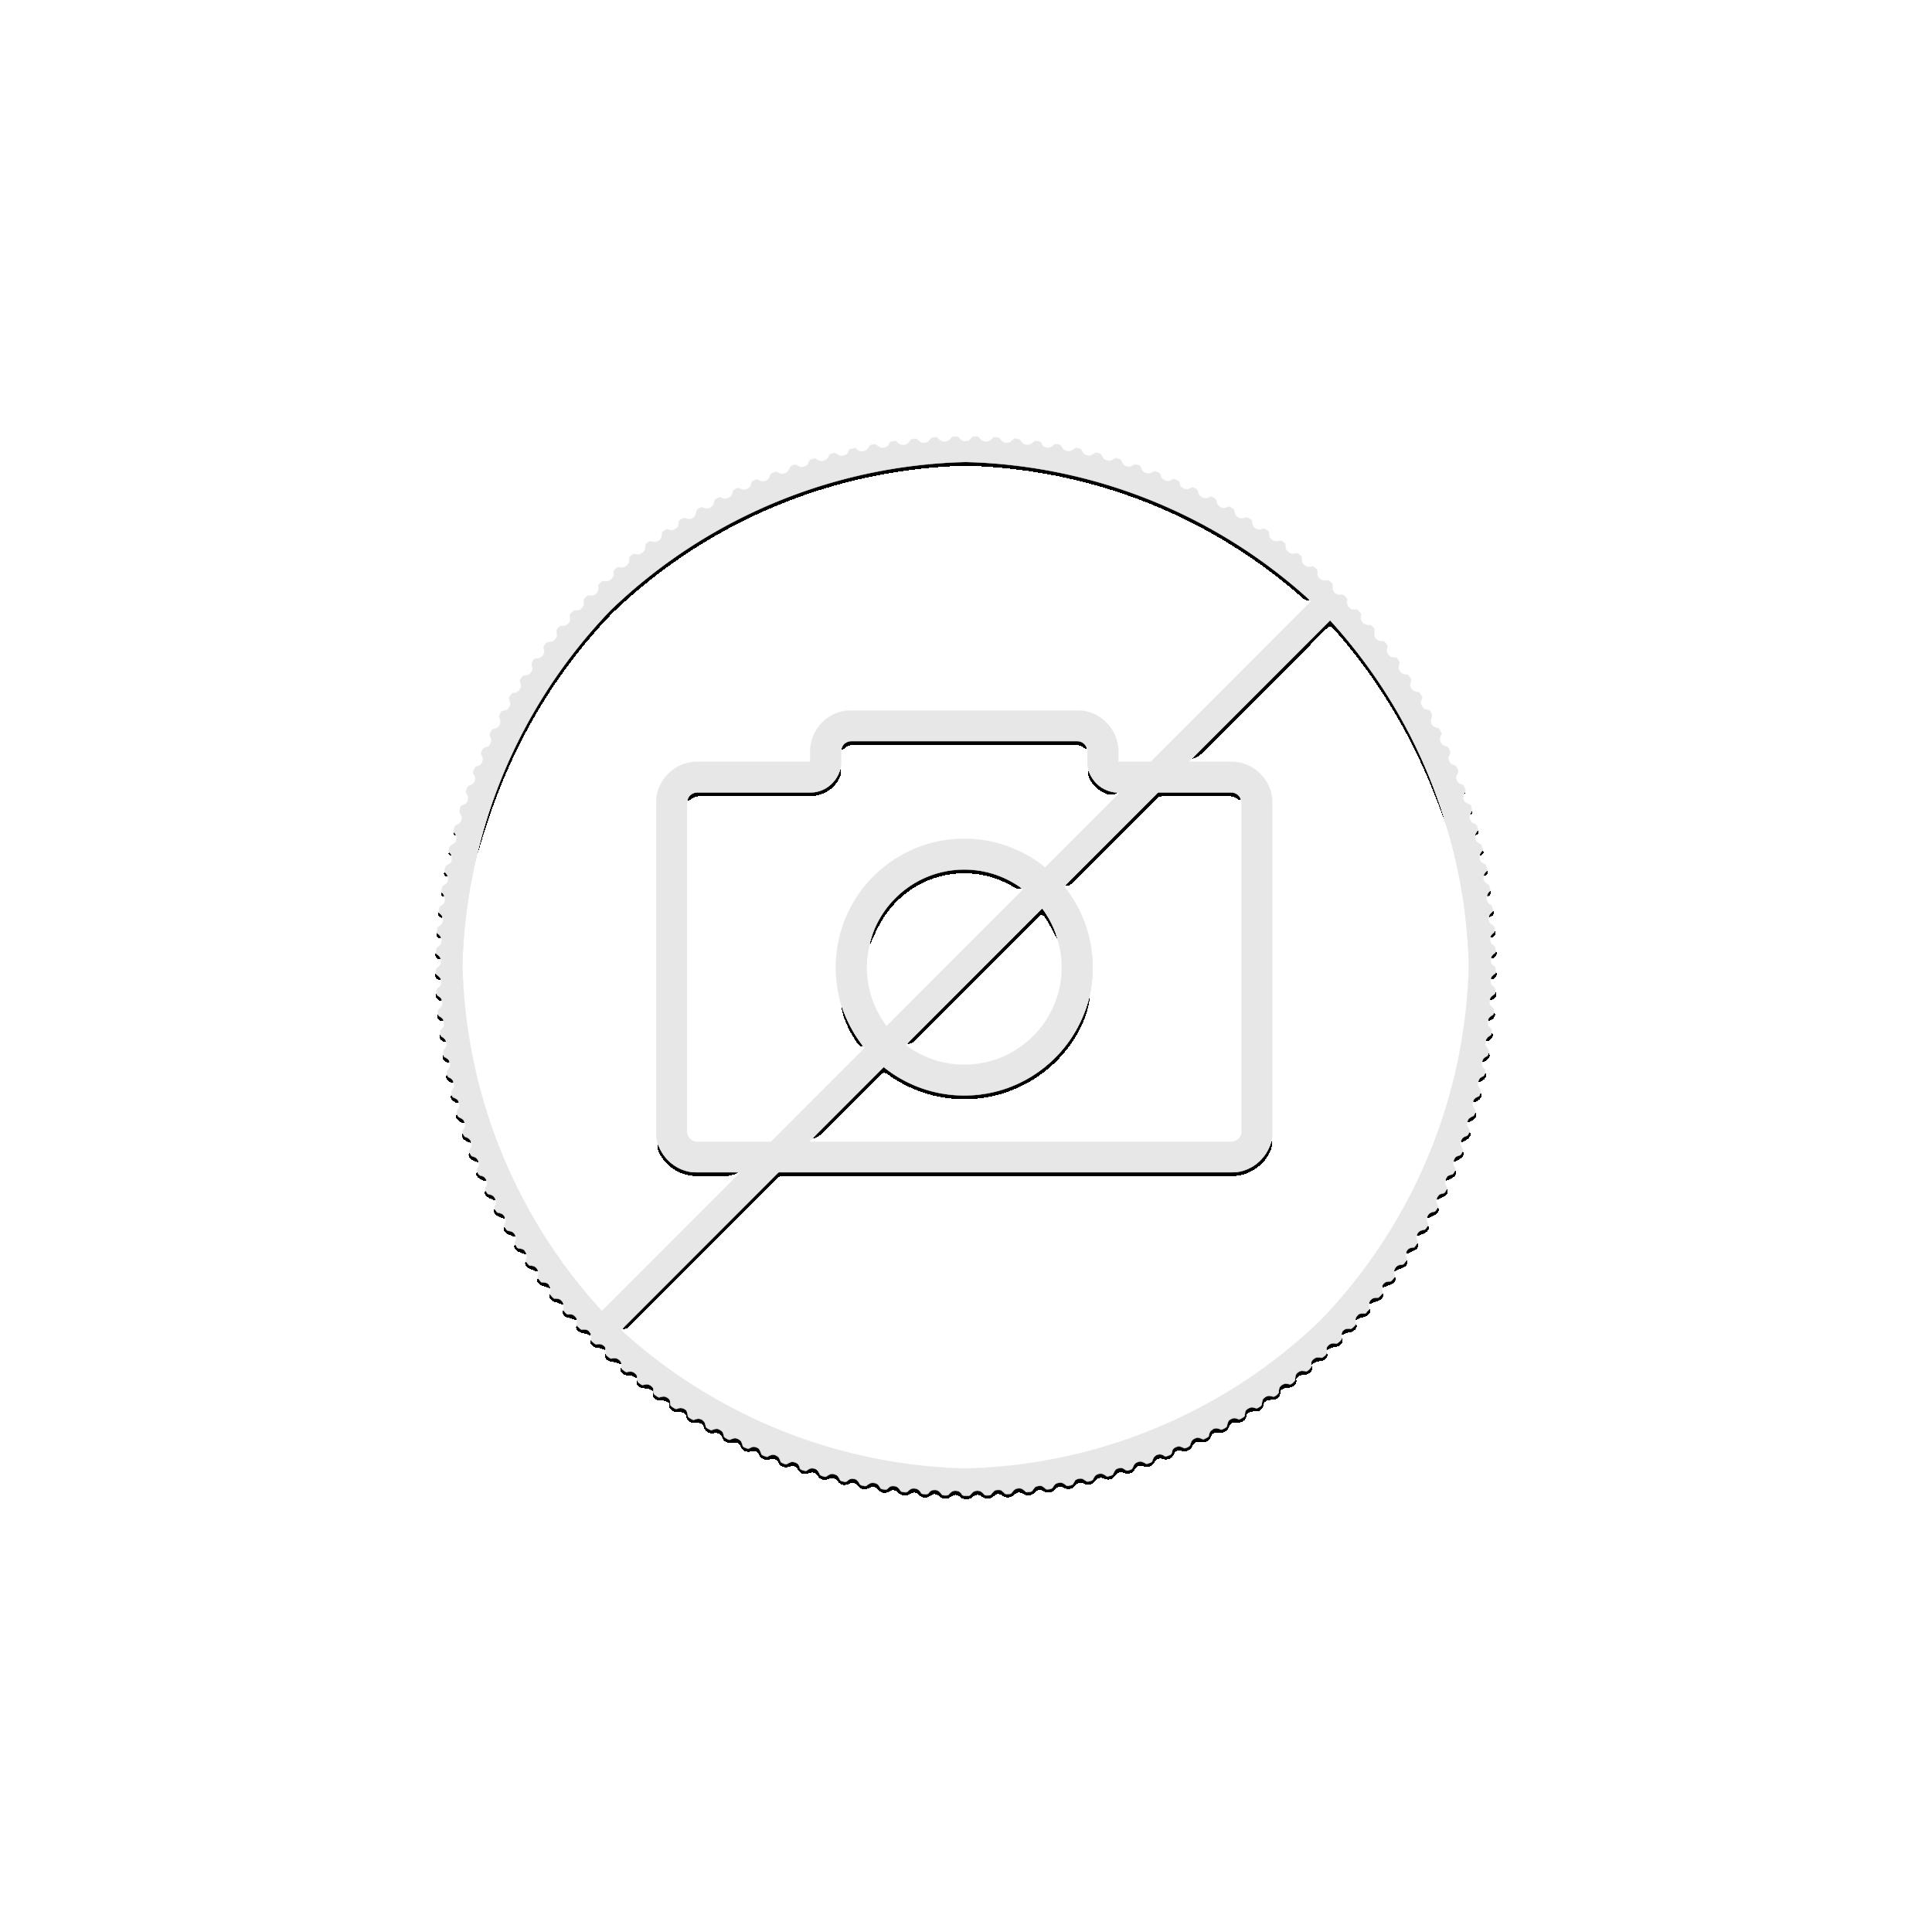 Lunar zilver munt 2011